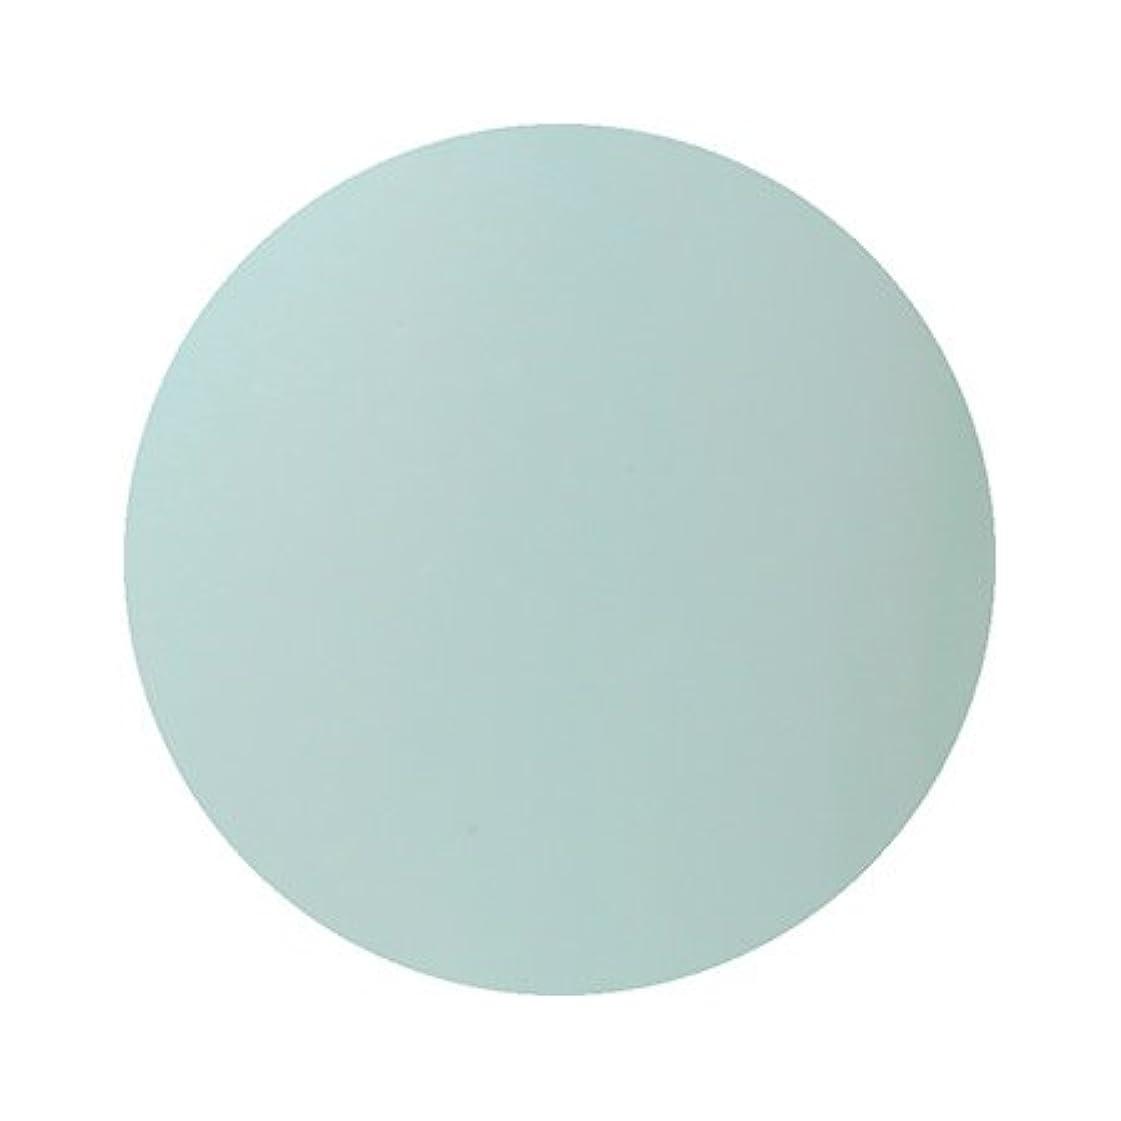 パラポリッシュ ハイブリッドカラージェル M9 アイスブルー 7g